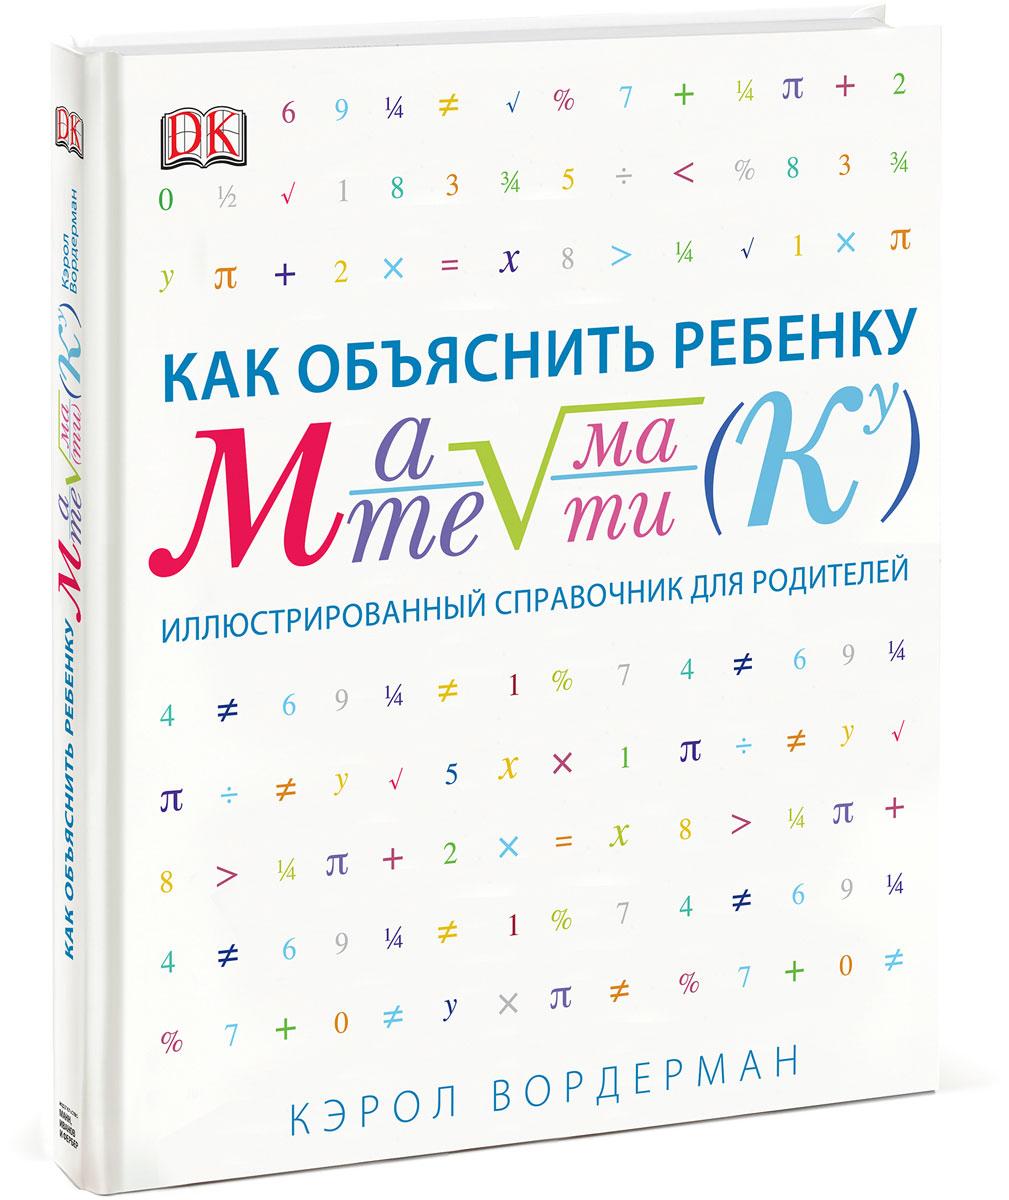 Как объяснить ребенку математику. Иллюстрированный справочник для родителей